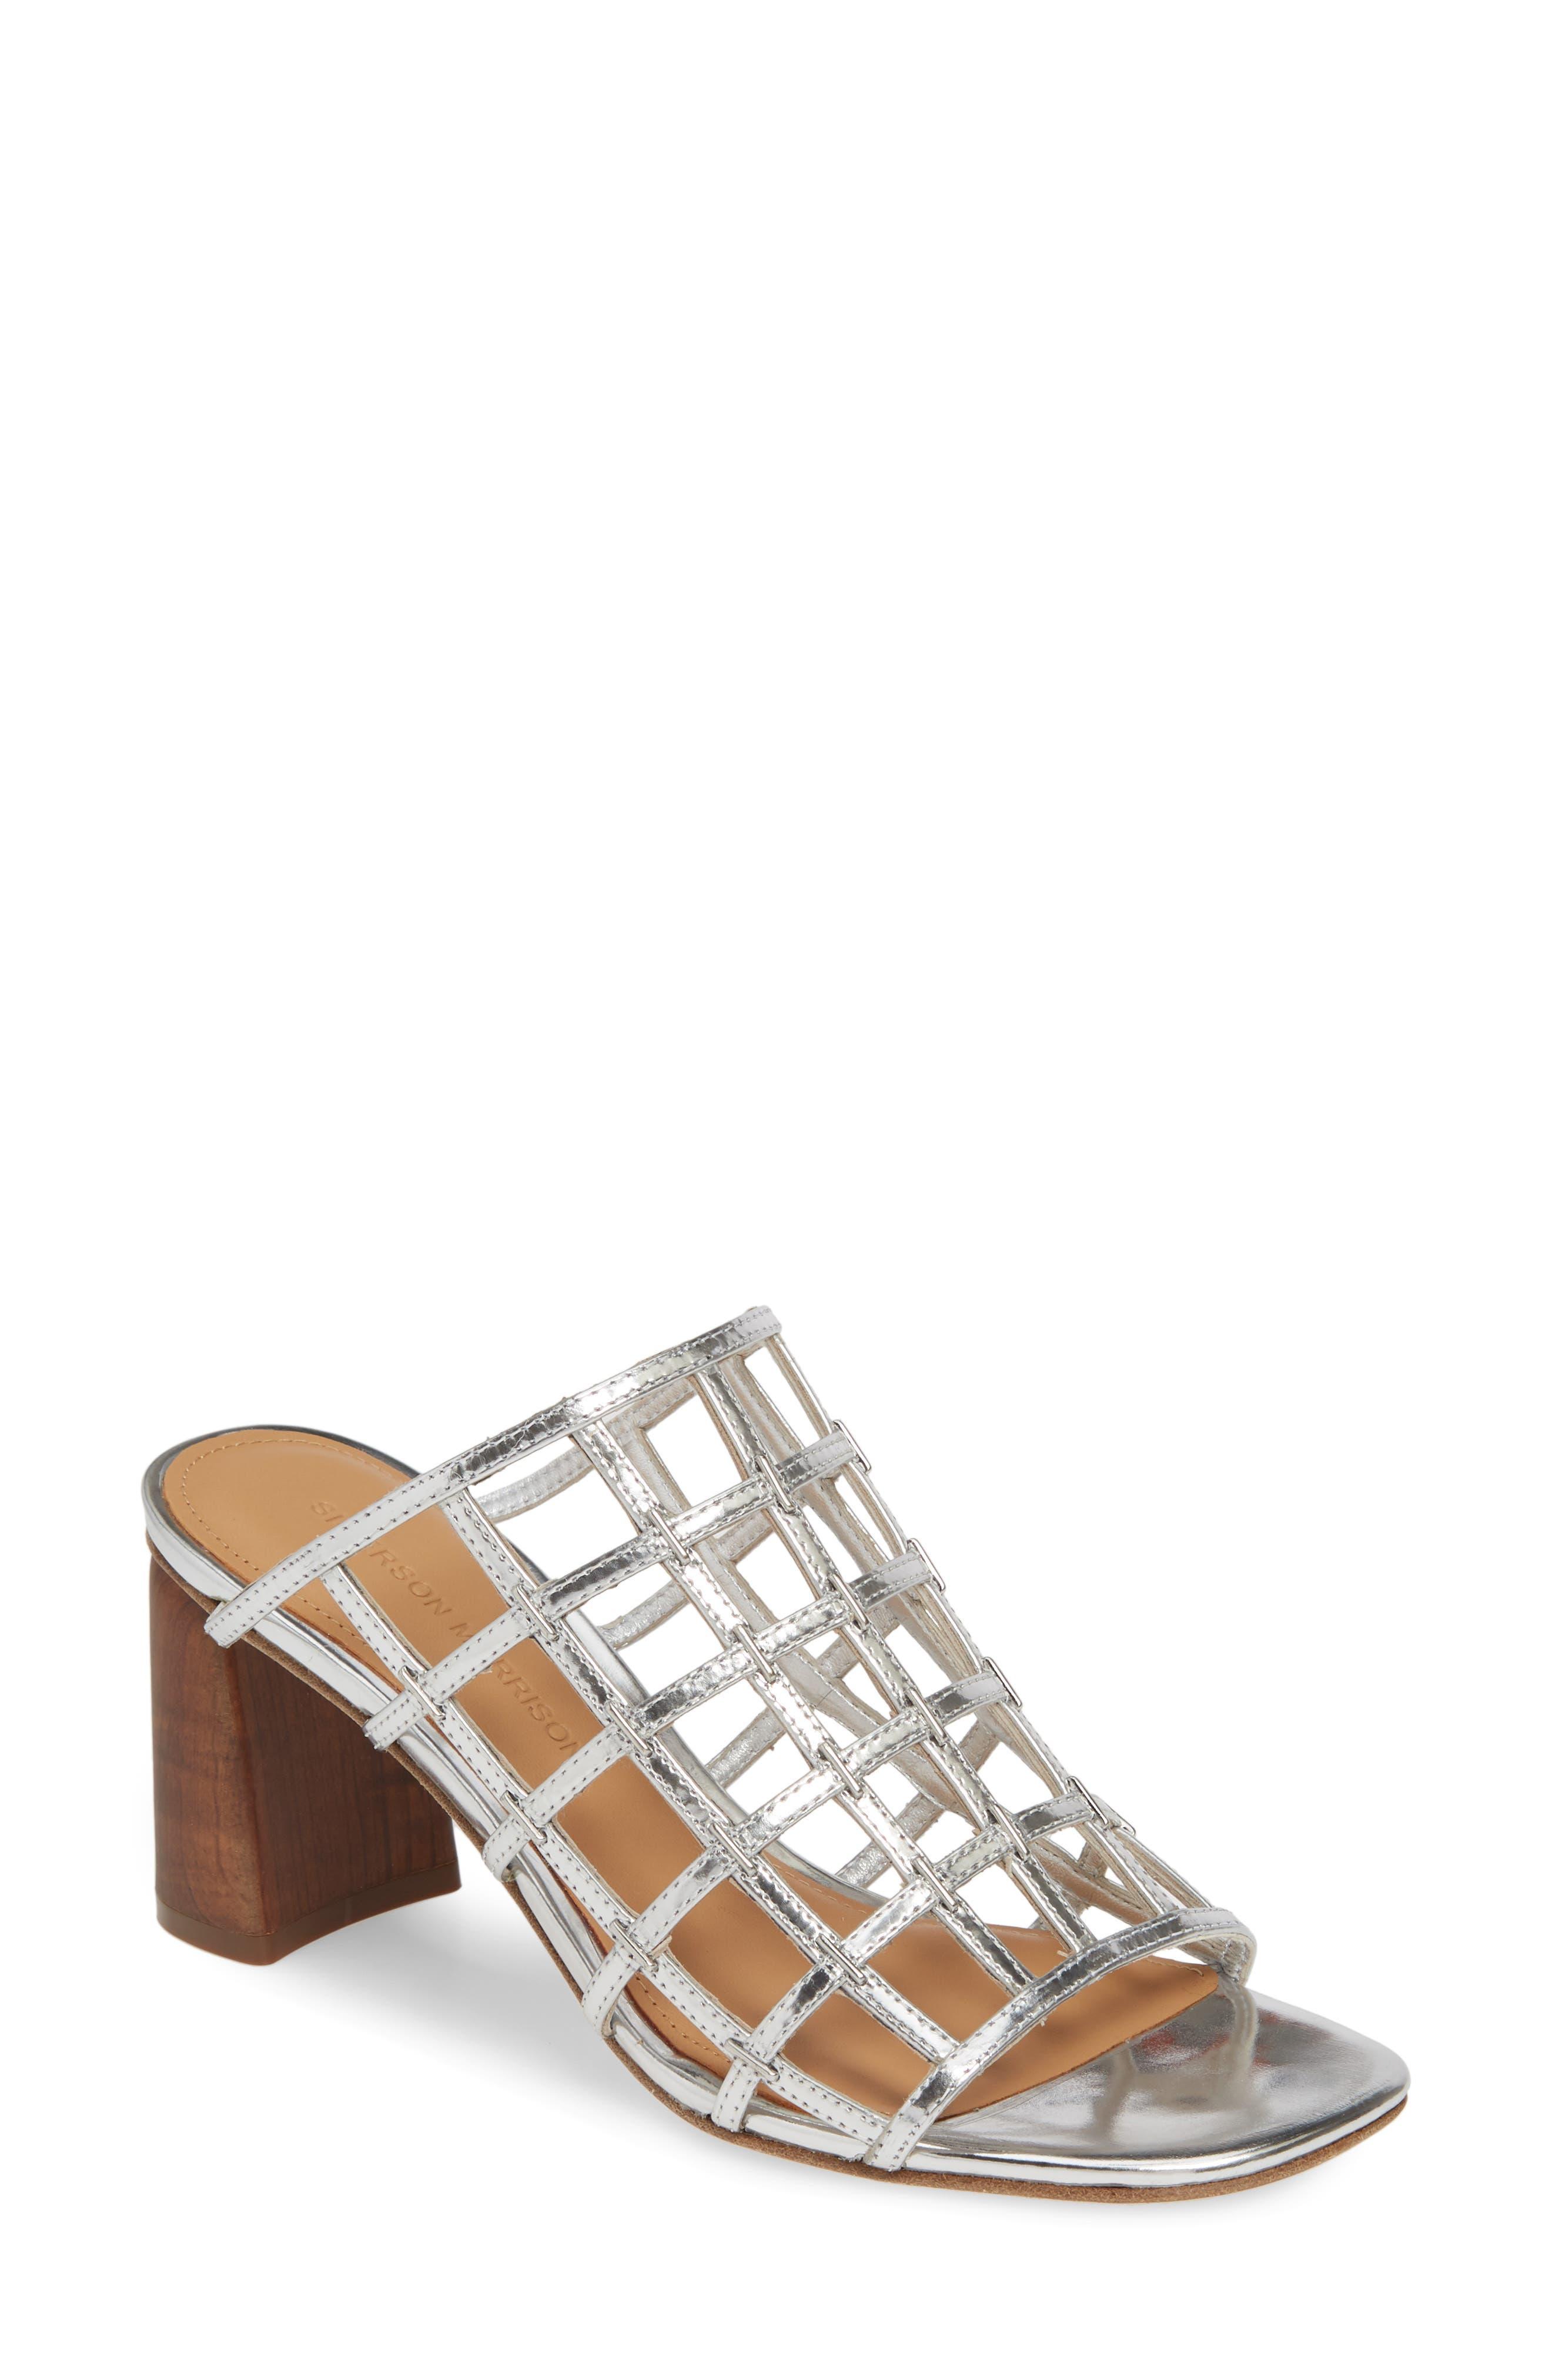 Sigerson Morrison Diana Cage Slide Sandal, Metallic